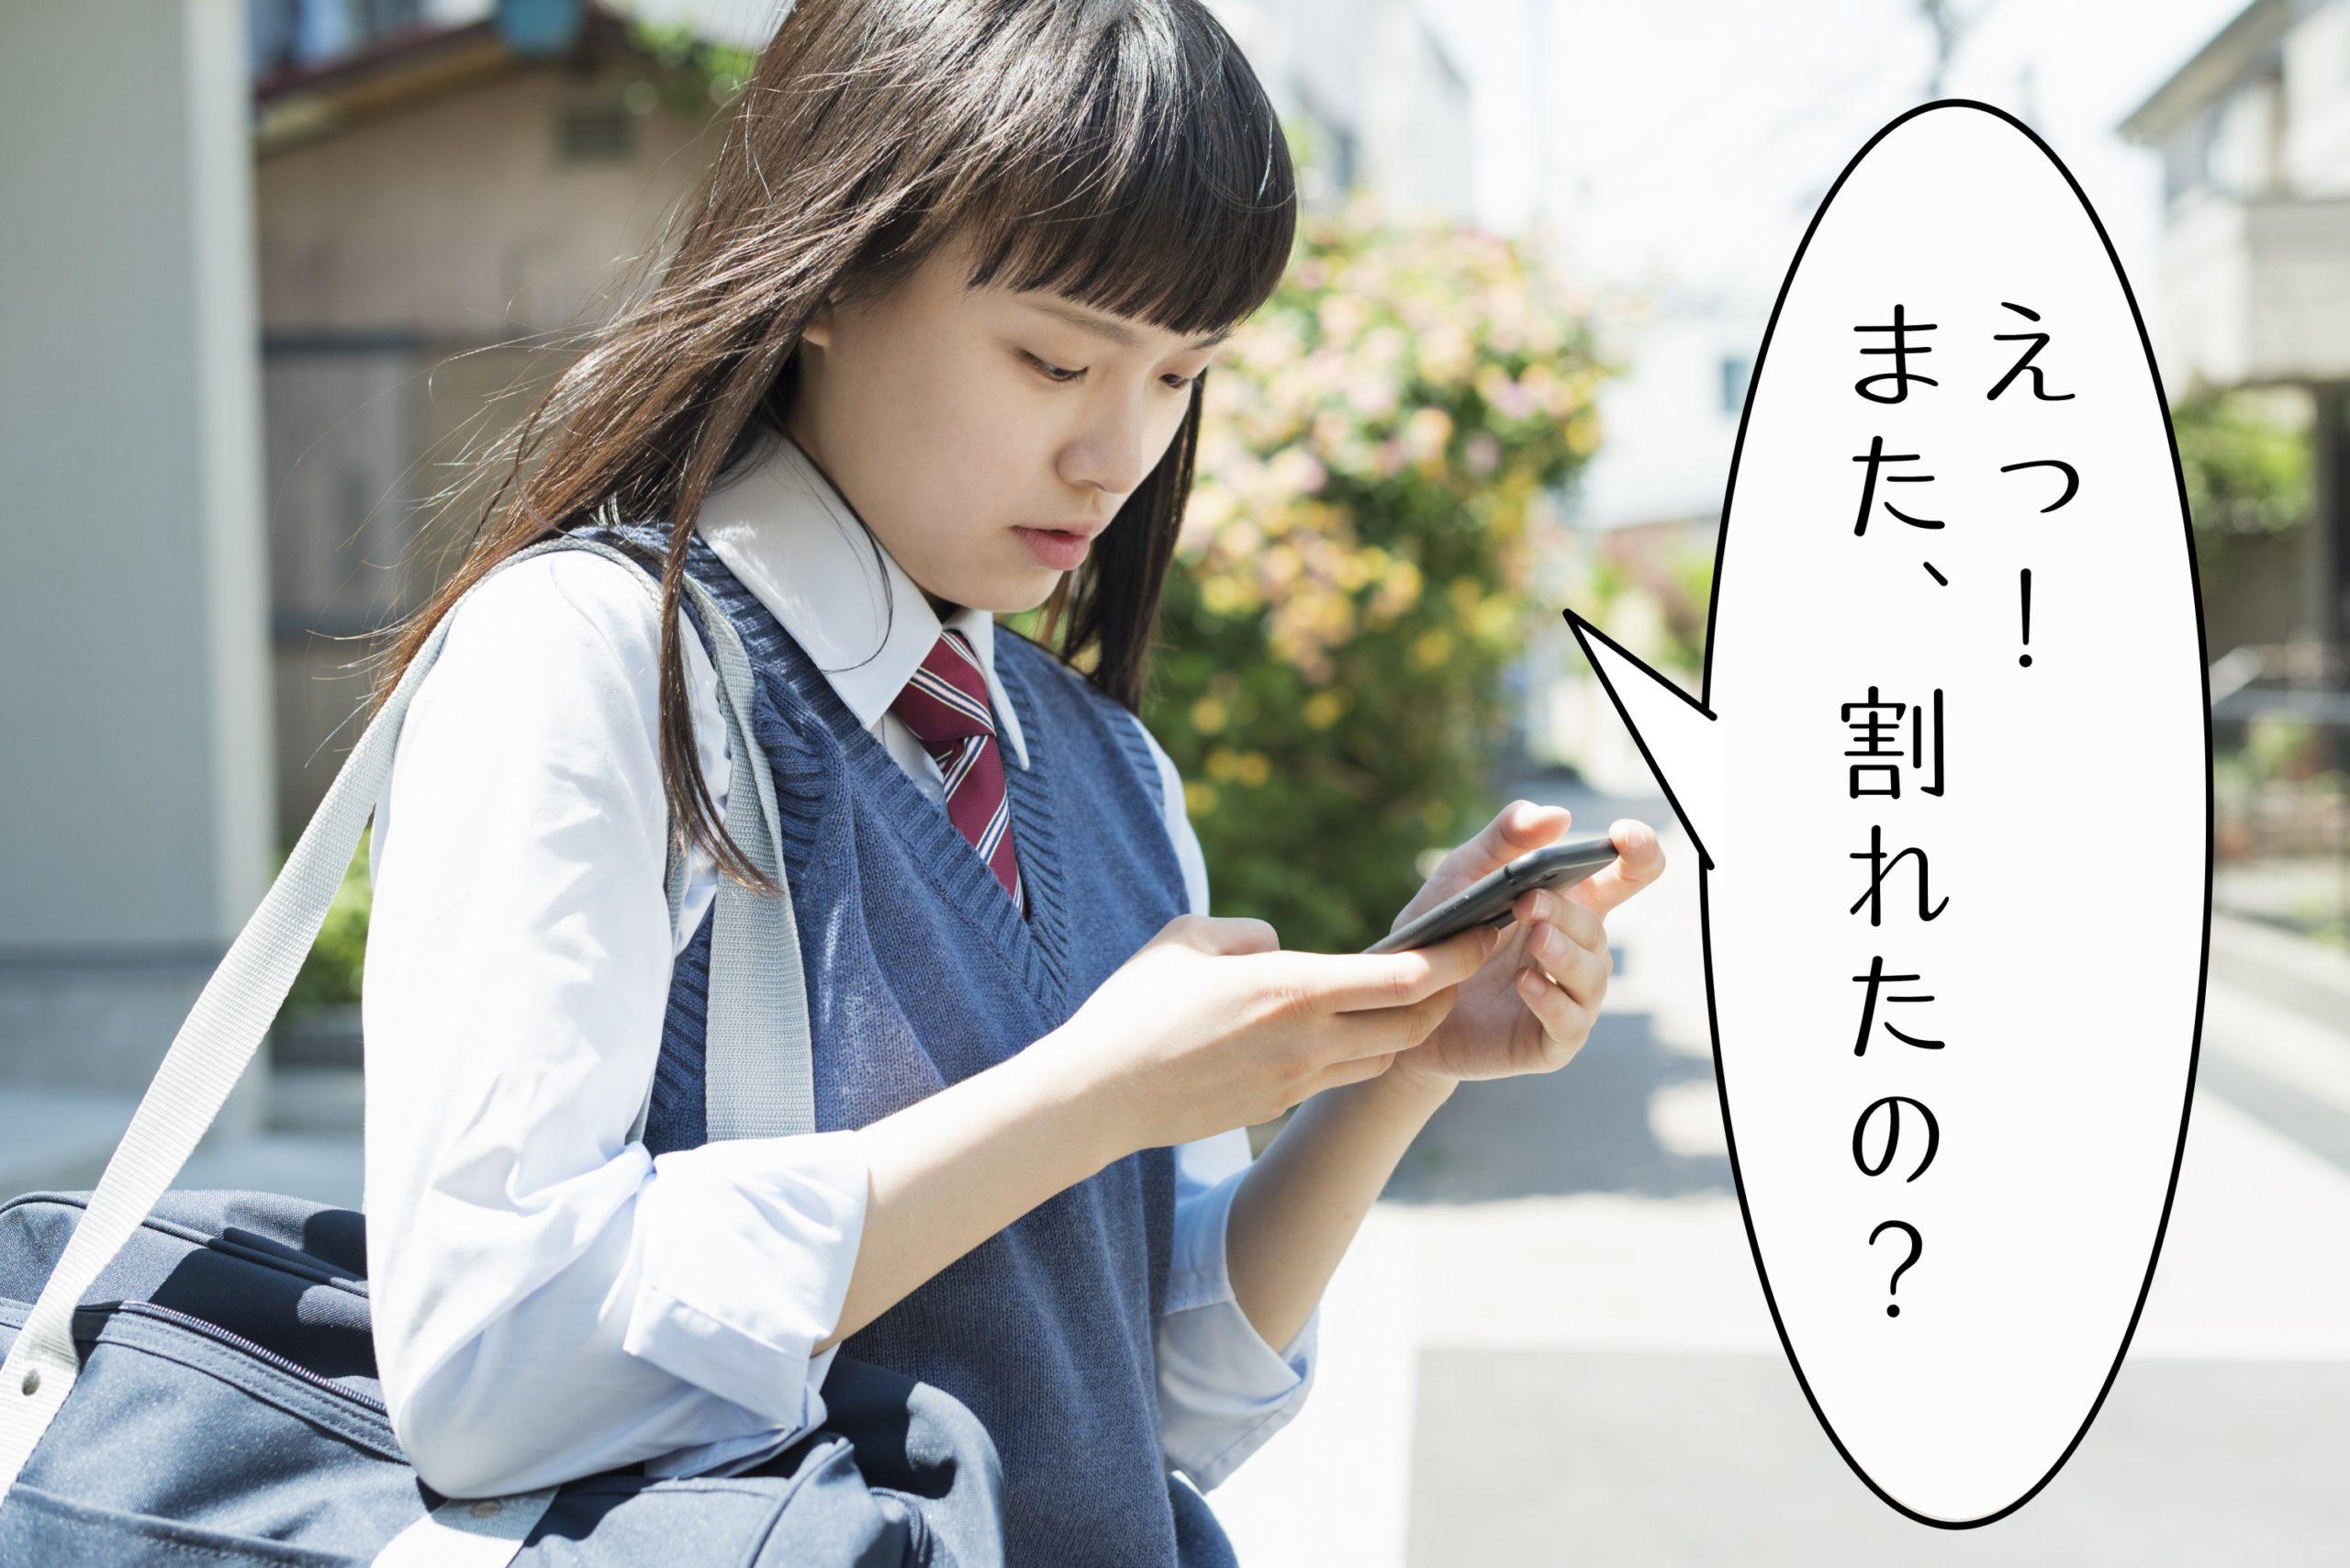 愛知県公立高校 2次募集